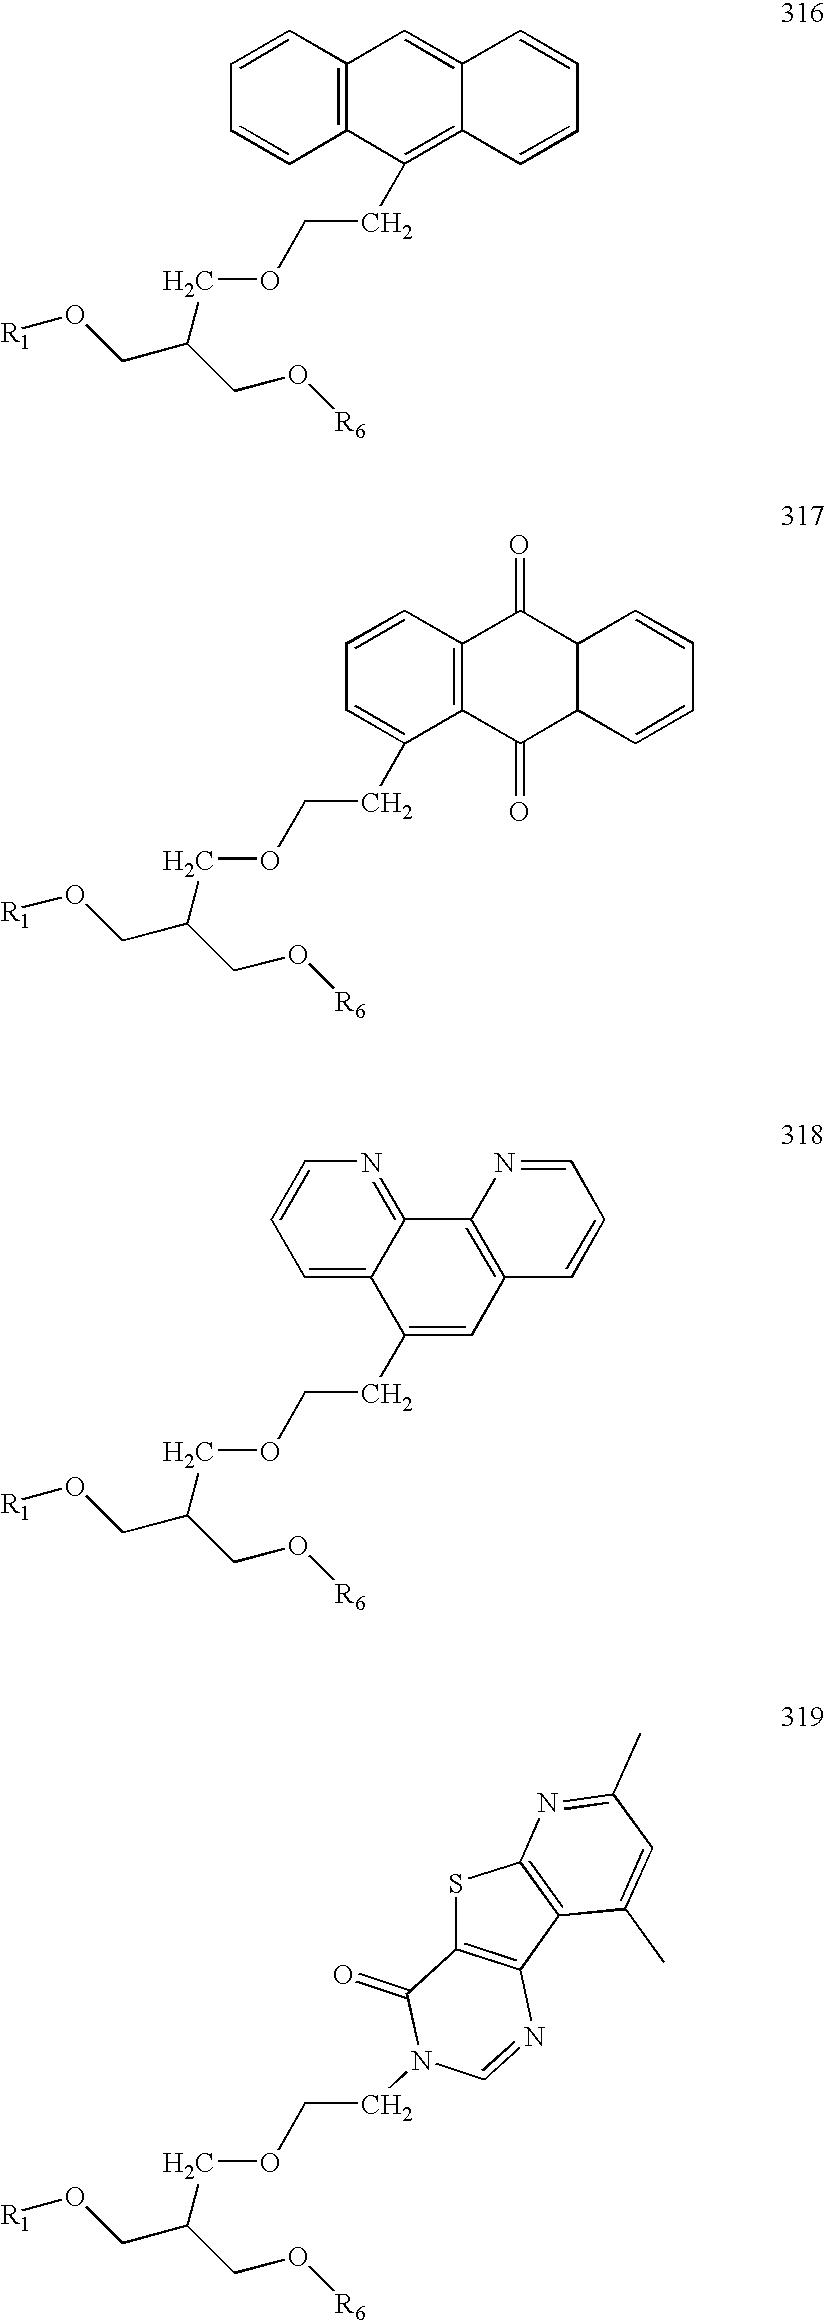 Figure US20060014144A1-20060119-C00158